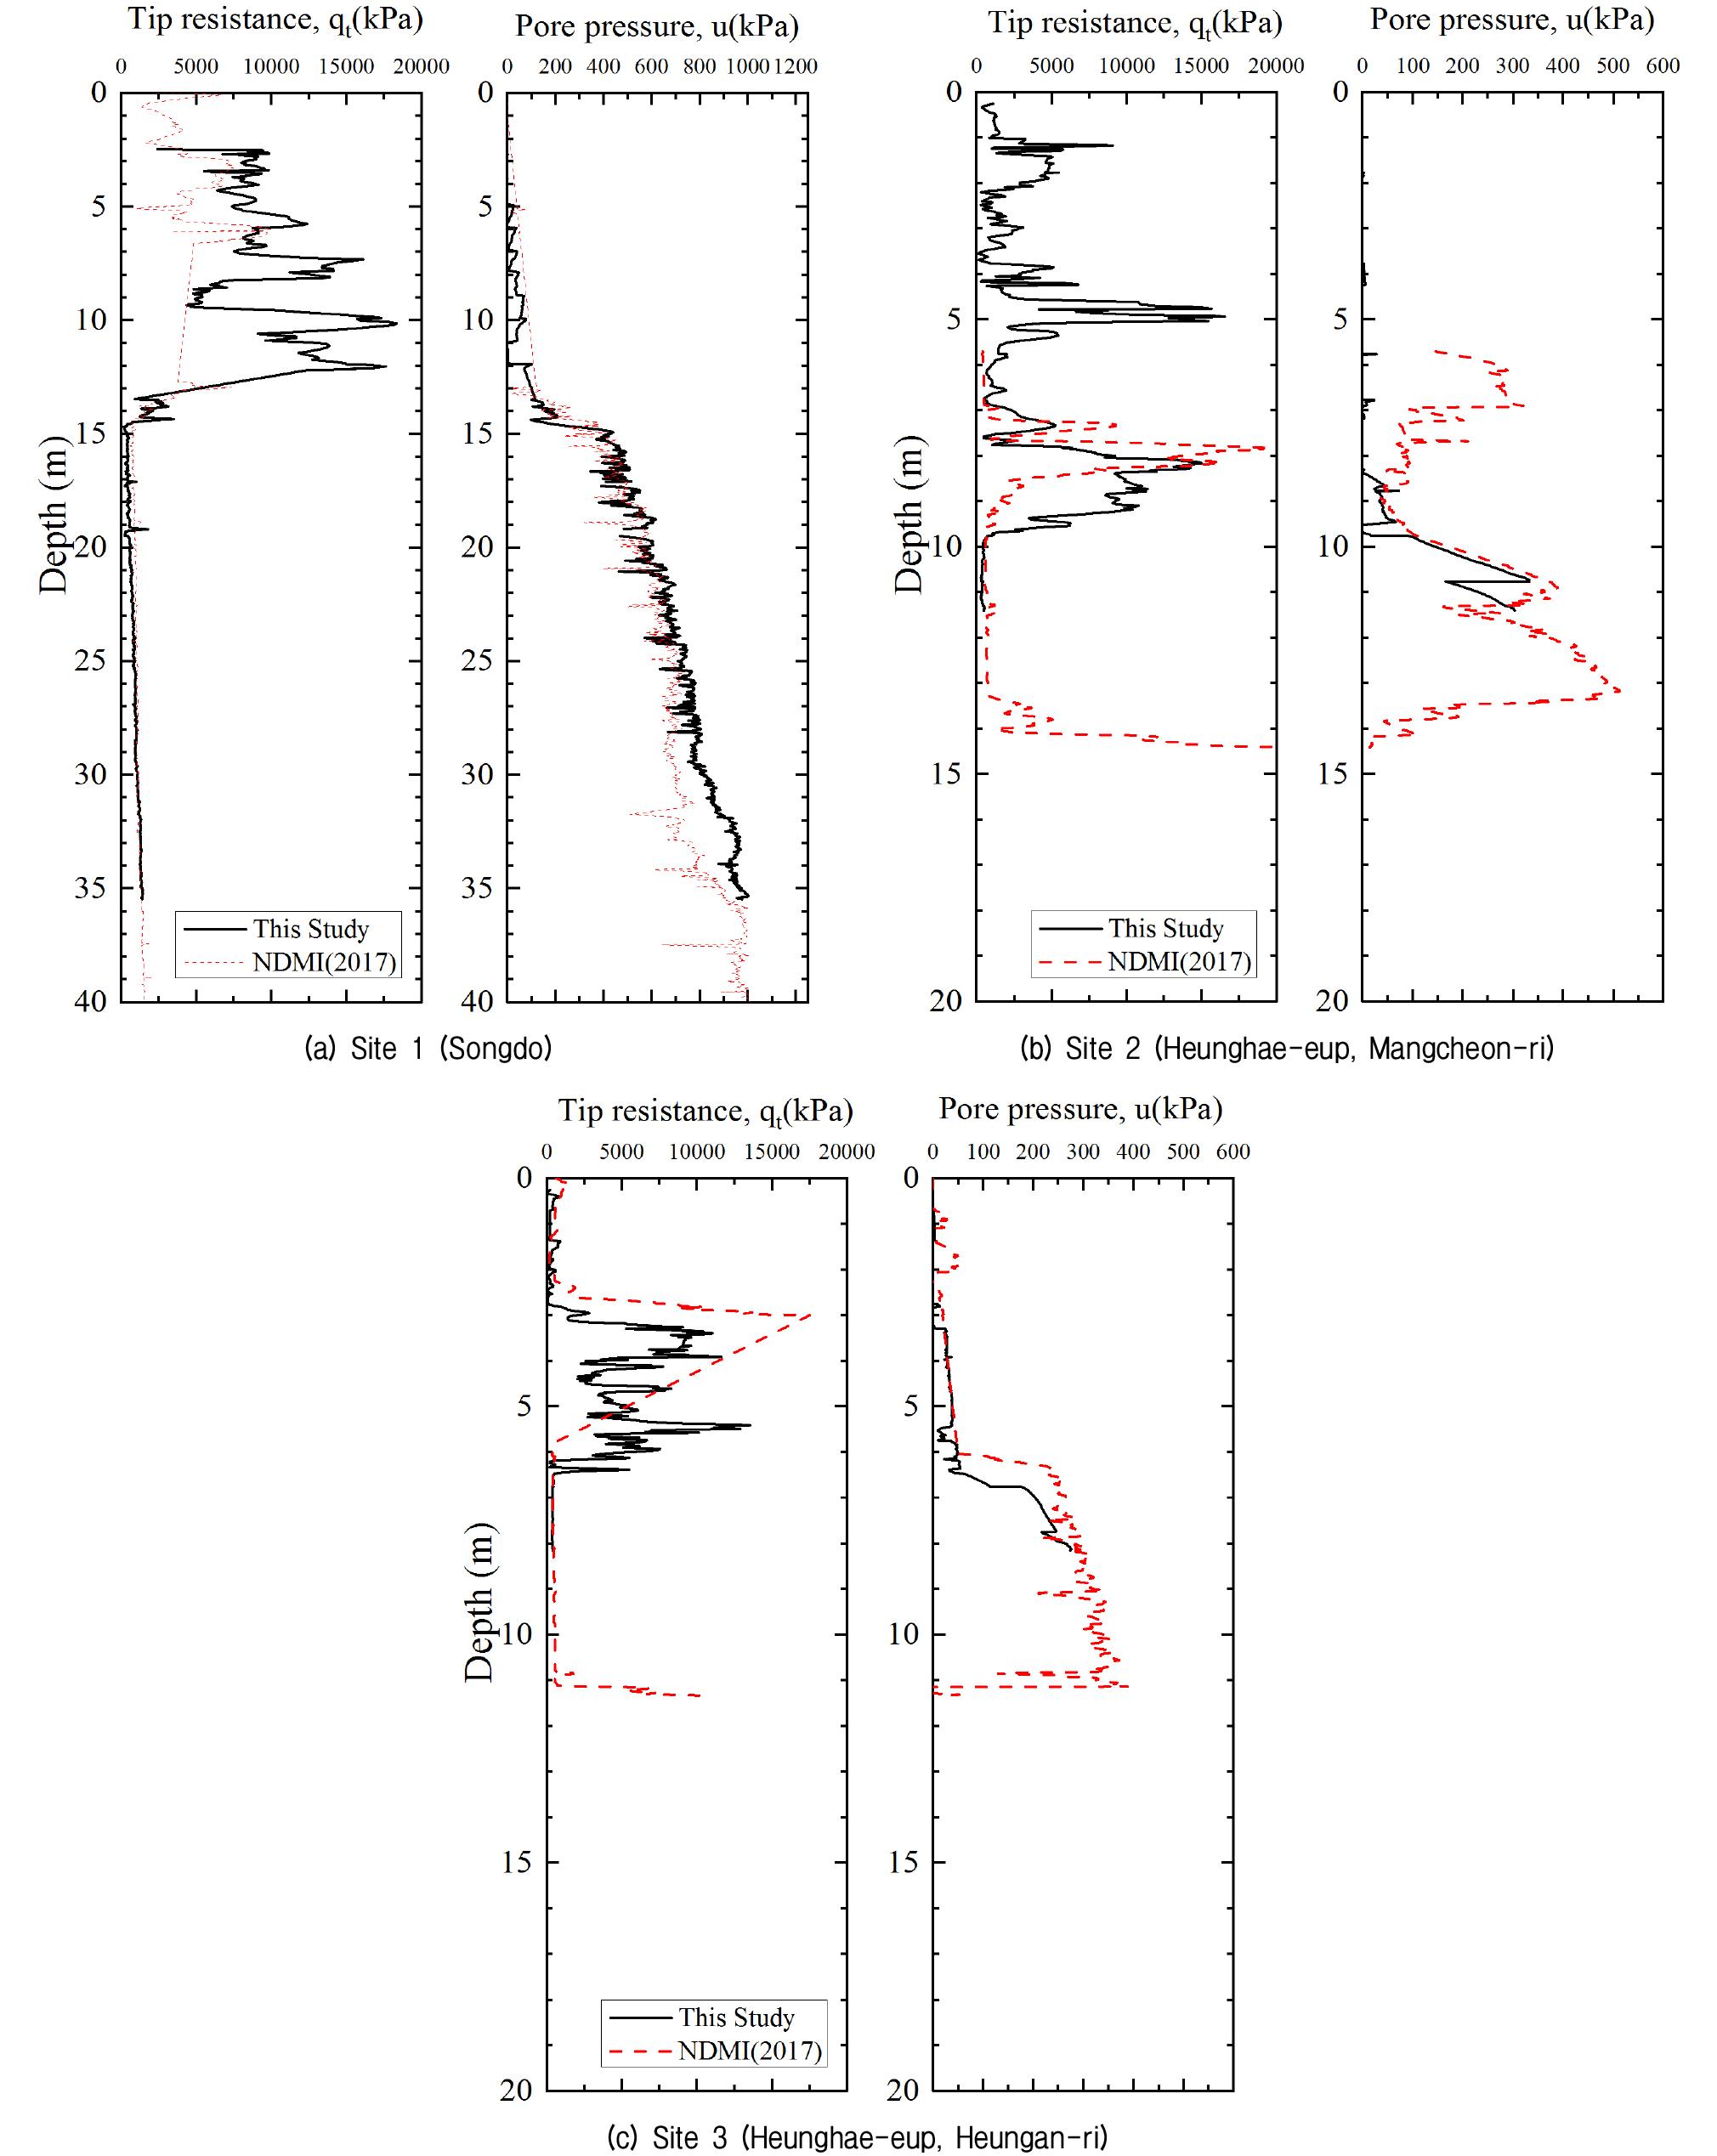 http://static.apub.kr/journalsite/sites/kgs/2020-036-09/N0990360901/images/kgs_36_09_01_F6.jpg